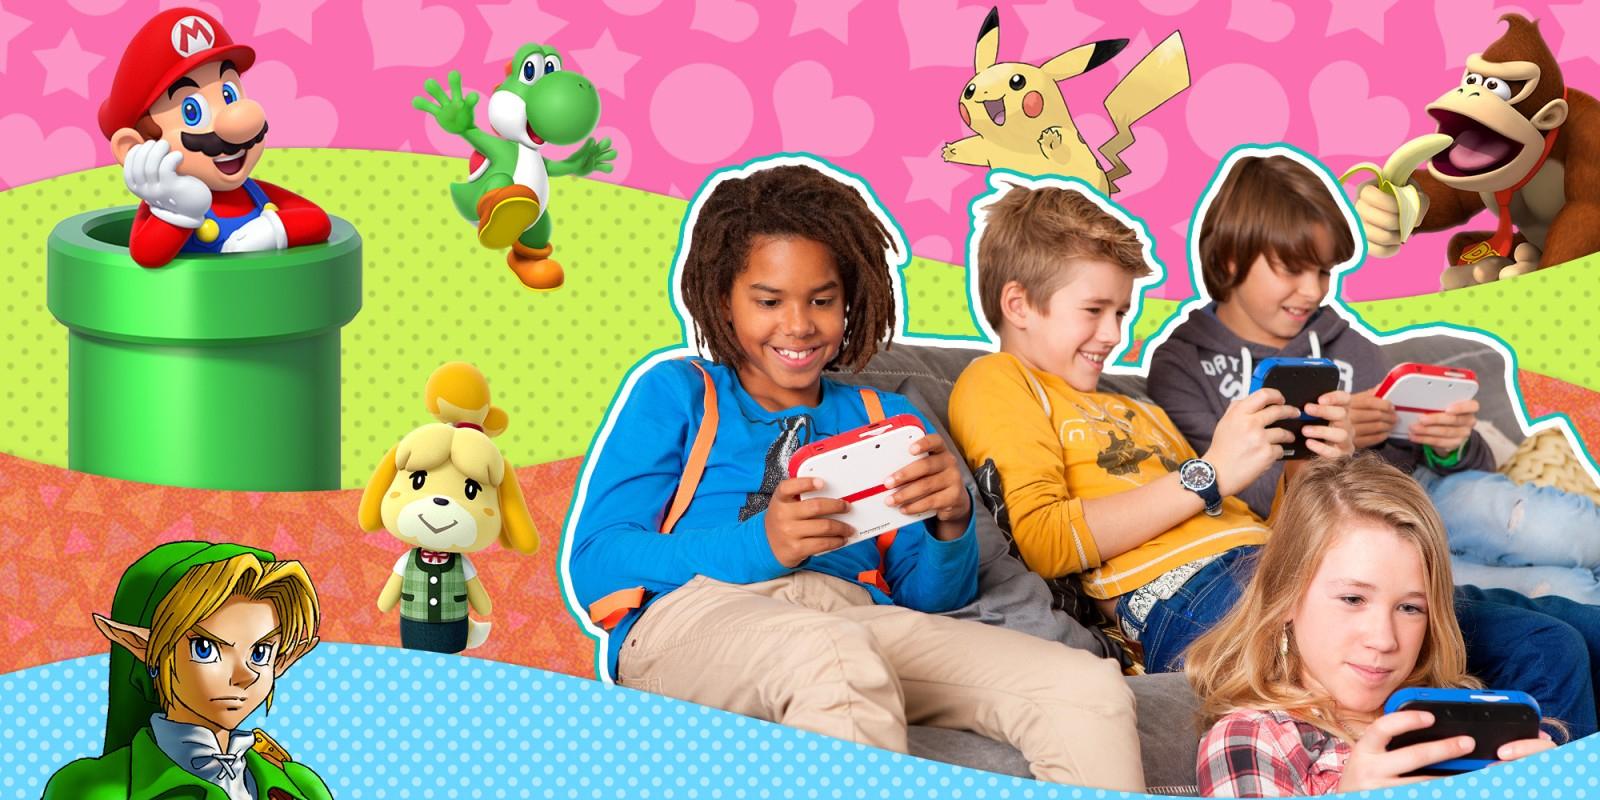 Jeux Nintendo Pour Les Enfants | Nintendo intérieur Jeux Gratuit Pour Garcon De 4 Ans